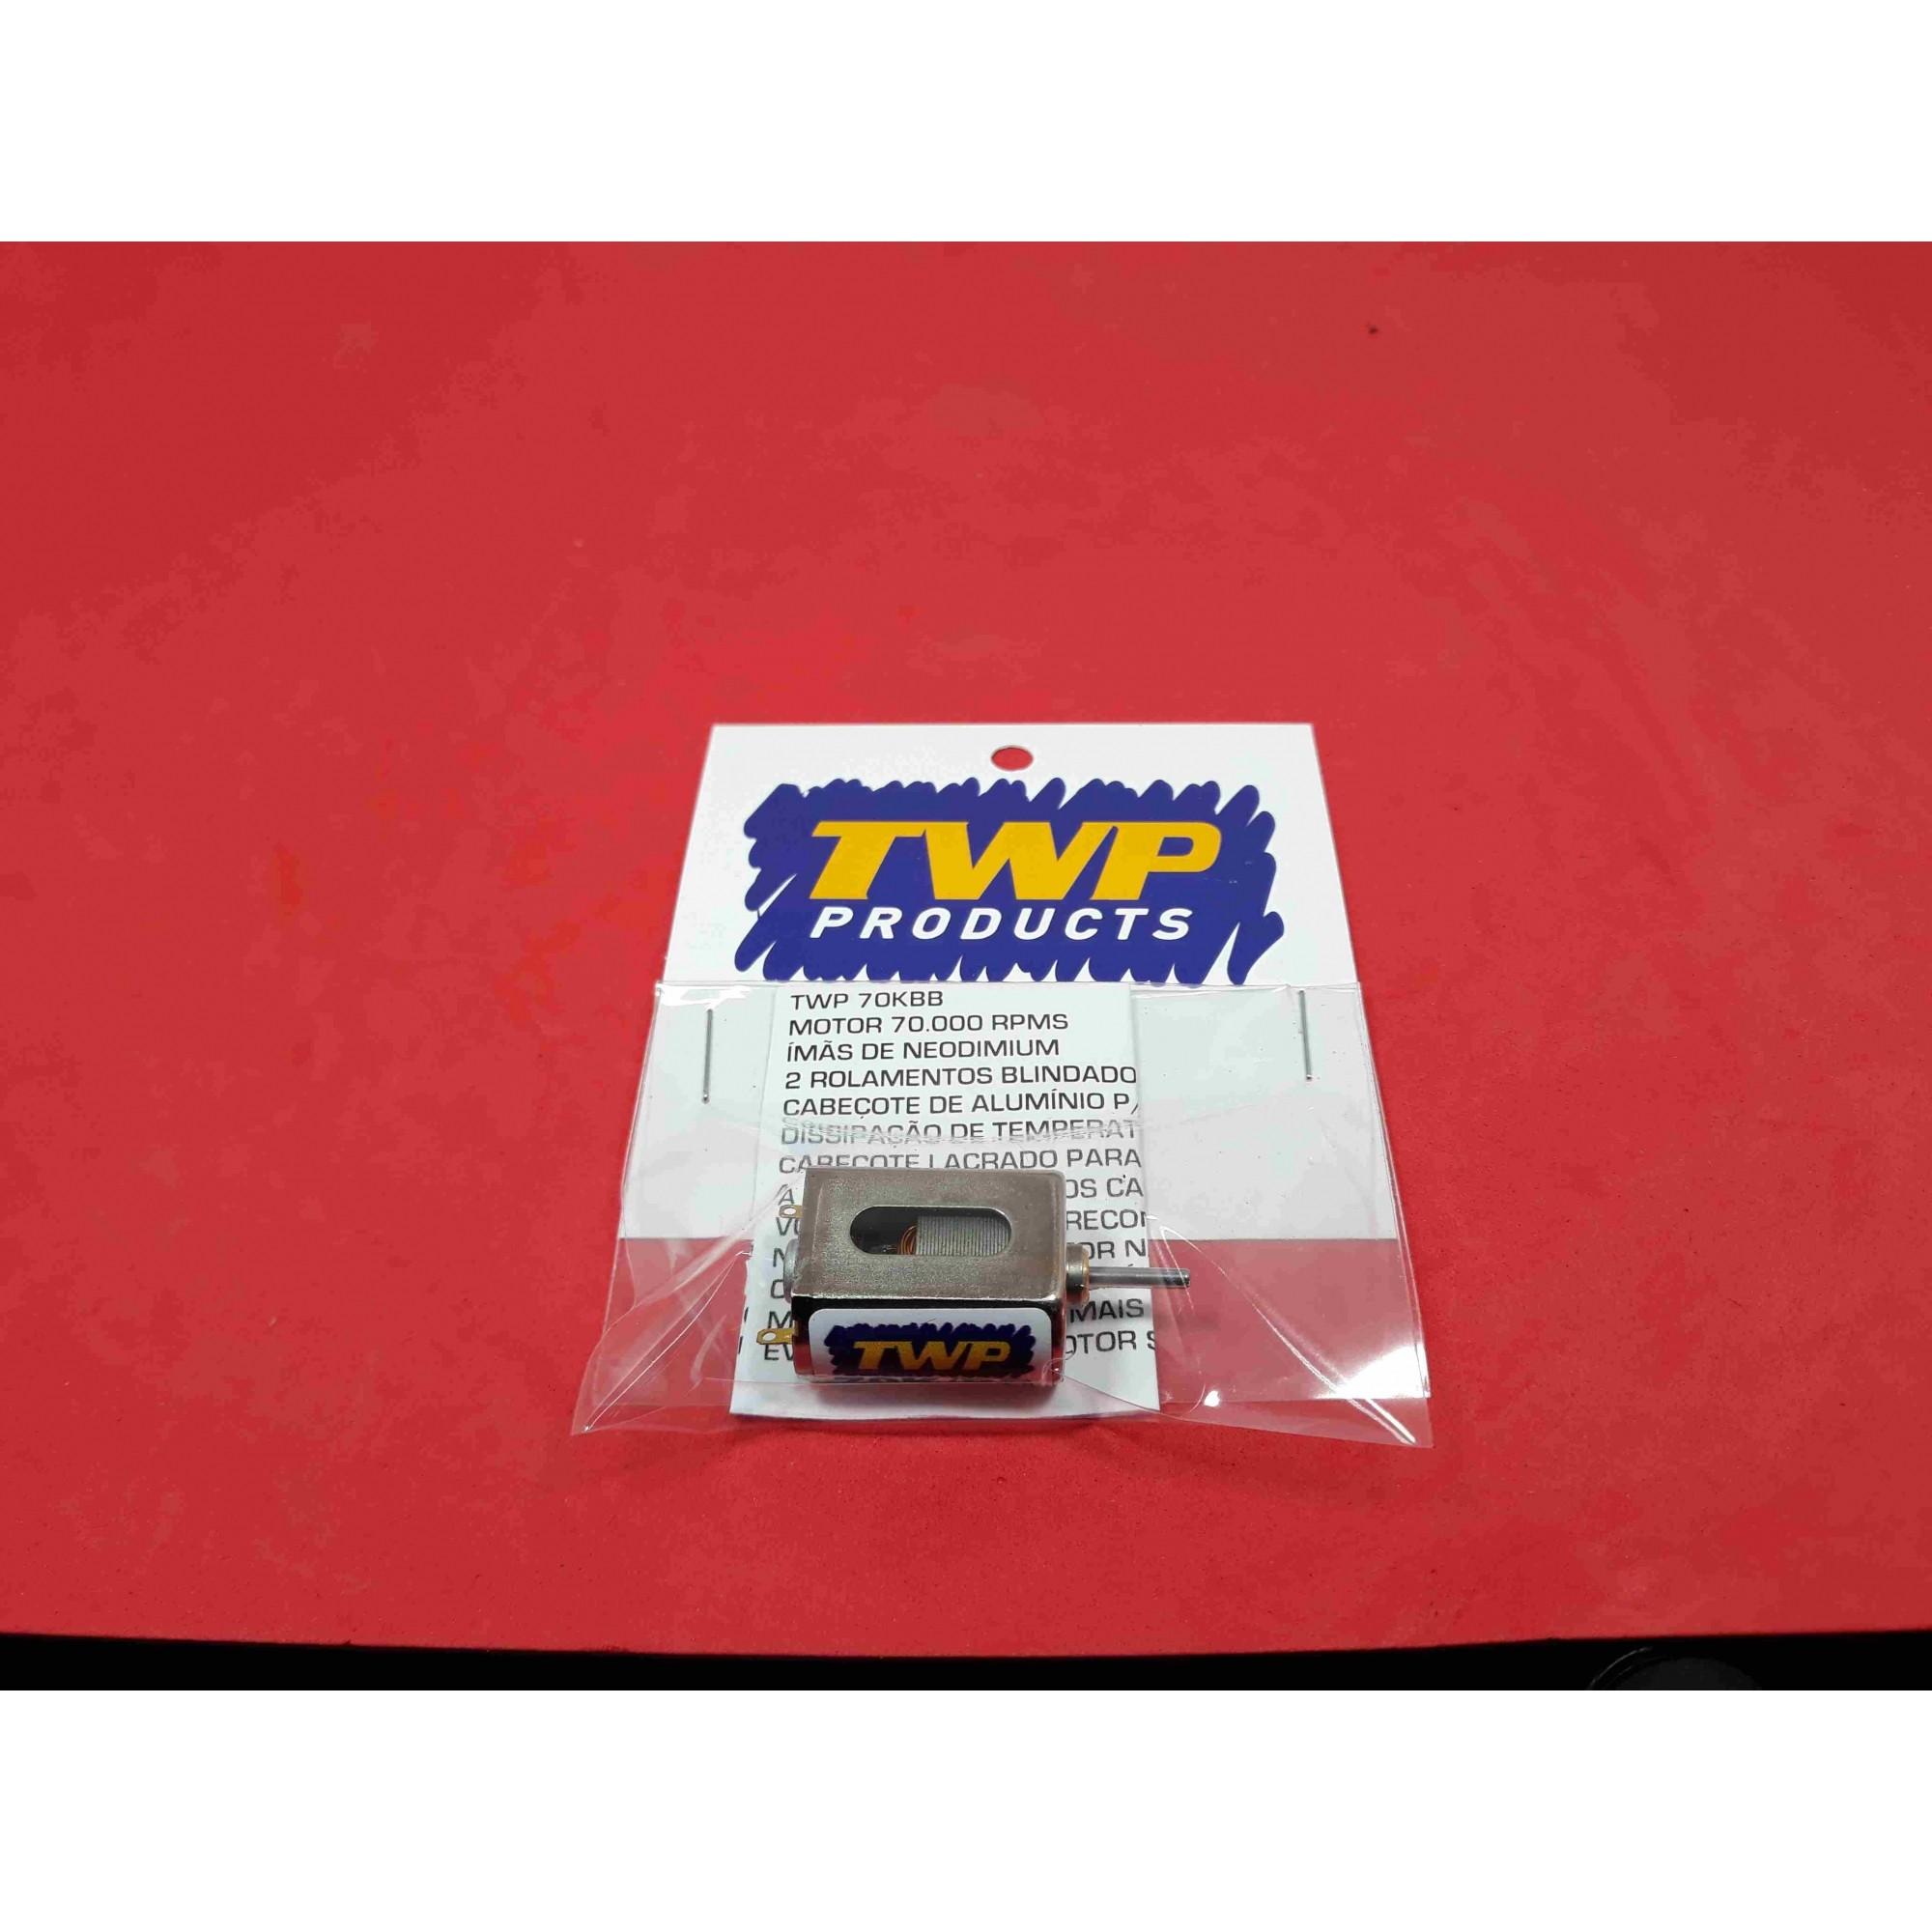 MOTOR TWP FALCON 70.000 RPMS COM 2 ROLAMENTOS